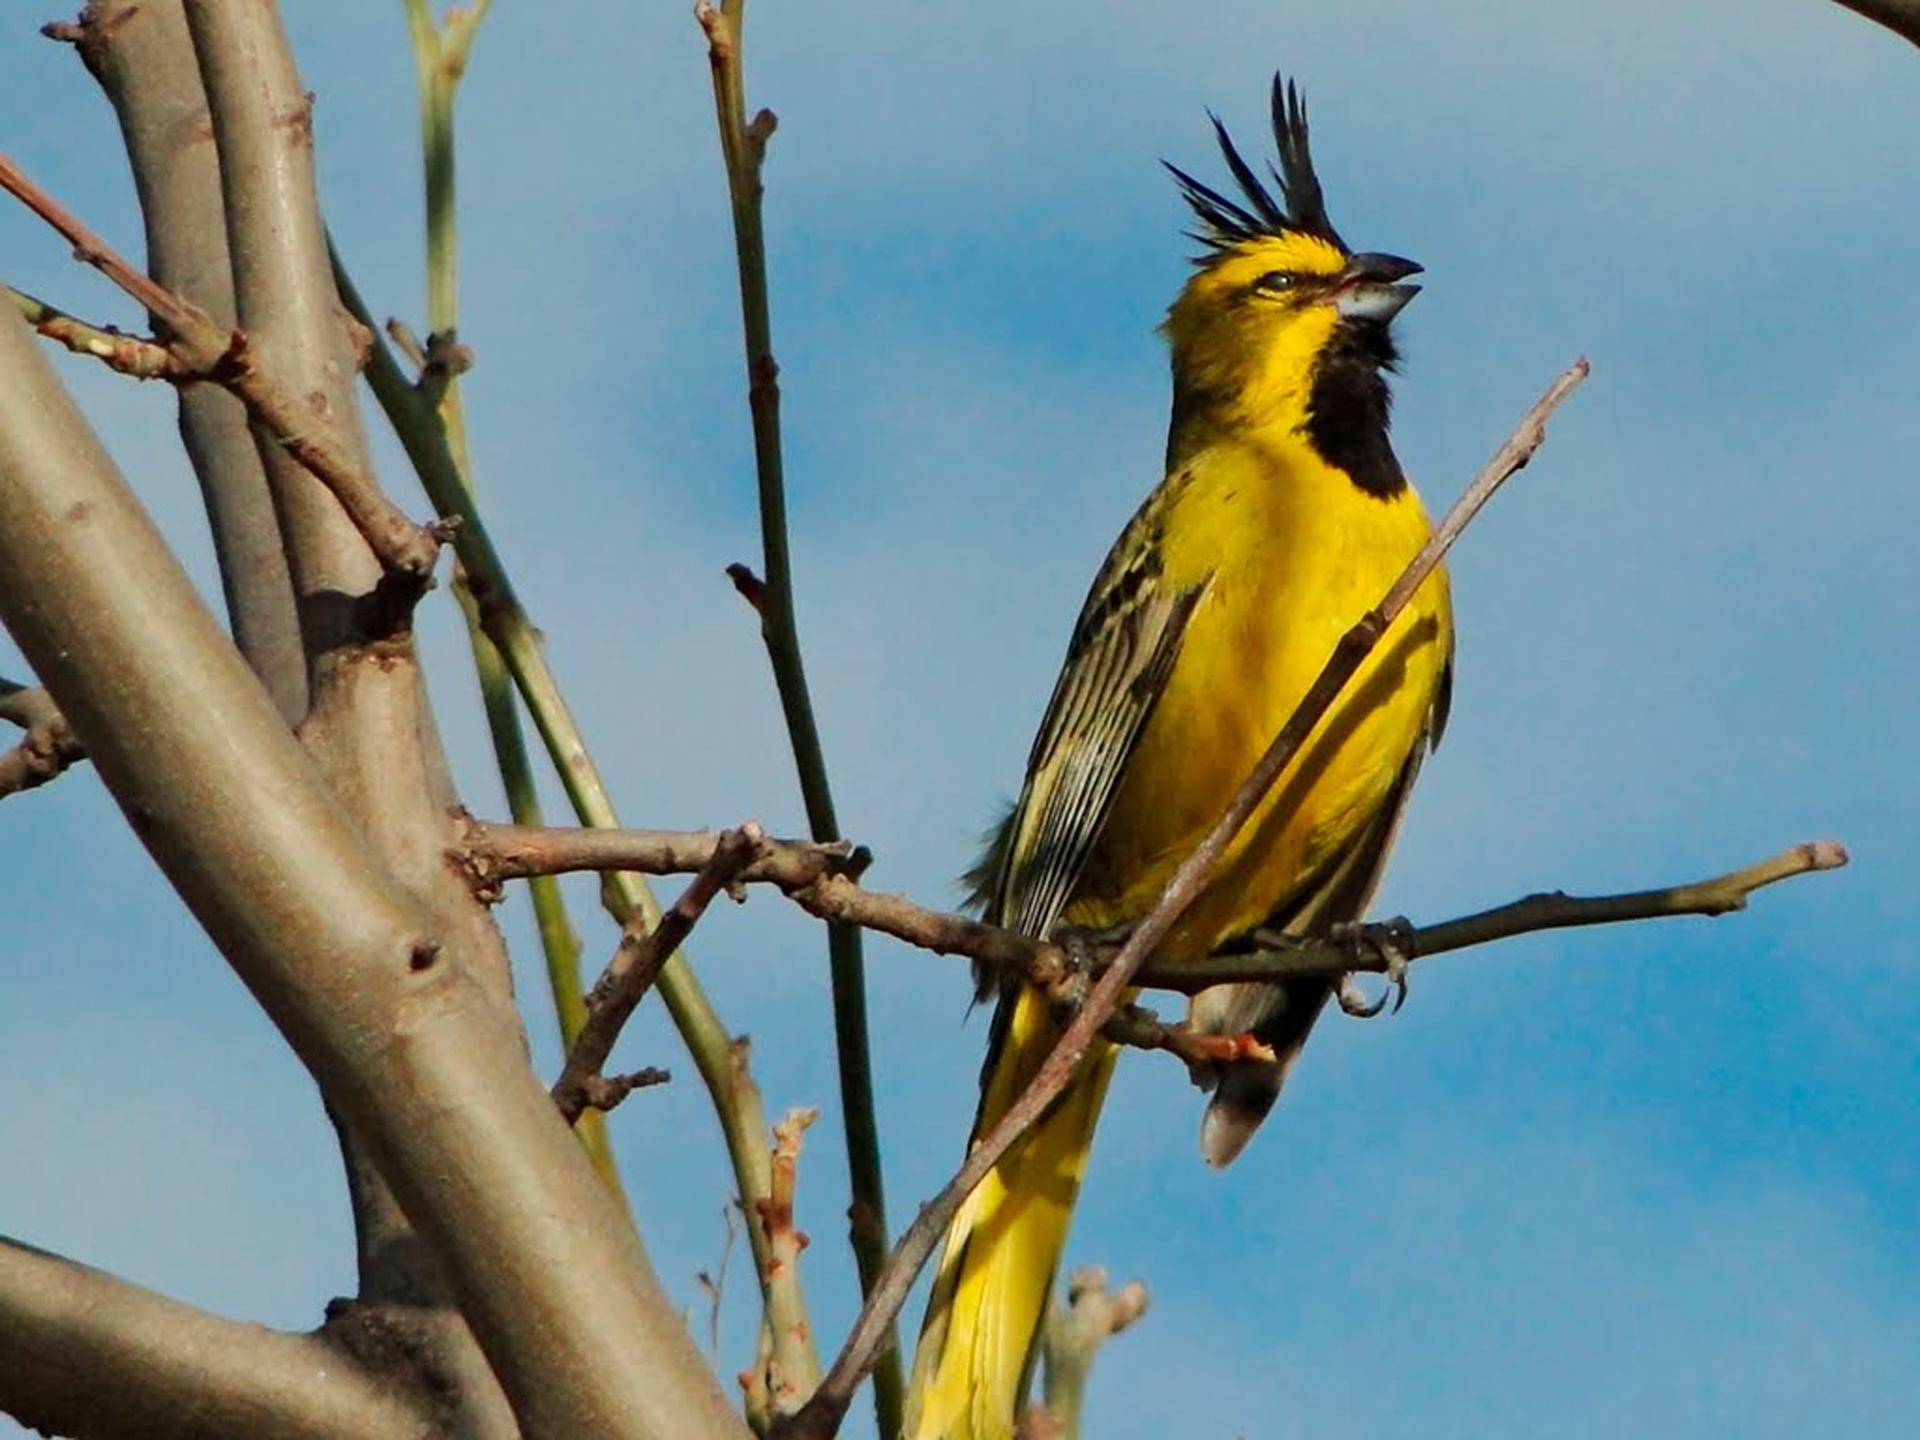 Se trata de una especie sumamente territorial y parte de sus cifras de extinción radican en la destrucción de su hábitat